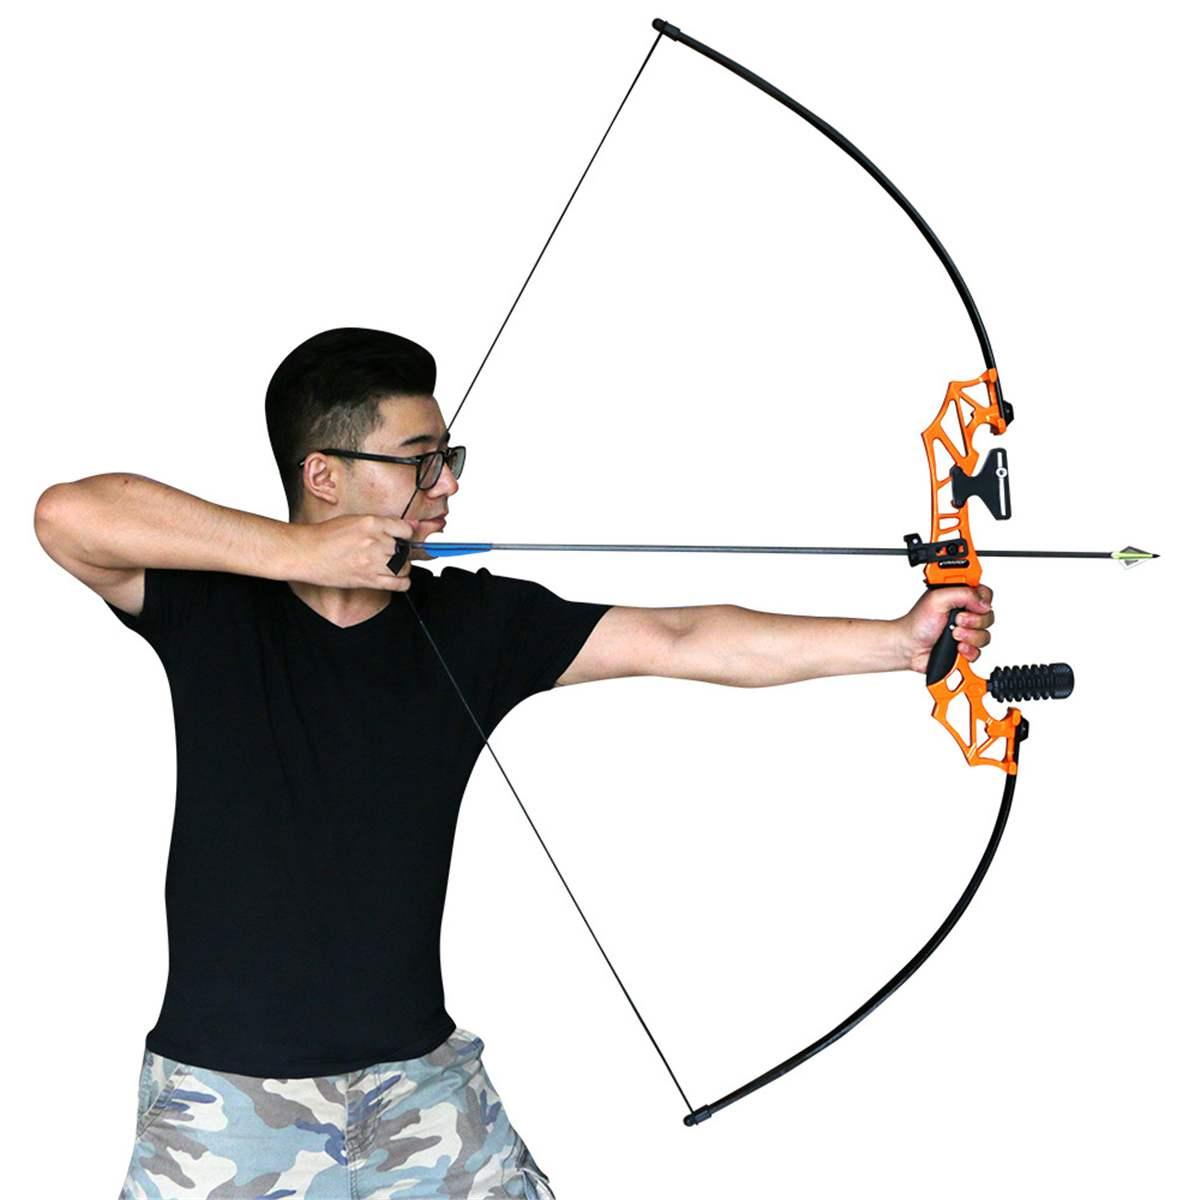 Pliage tir à l'arc professionnel Recurve arc chasse à l'arc en métal Riser 30/40lbs droitier chasse en plein air tir pêche